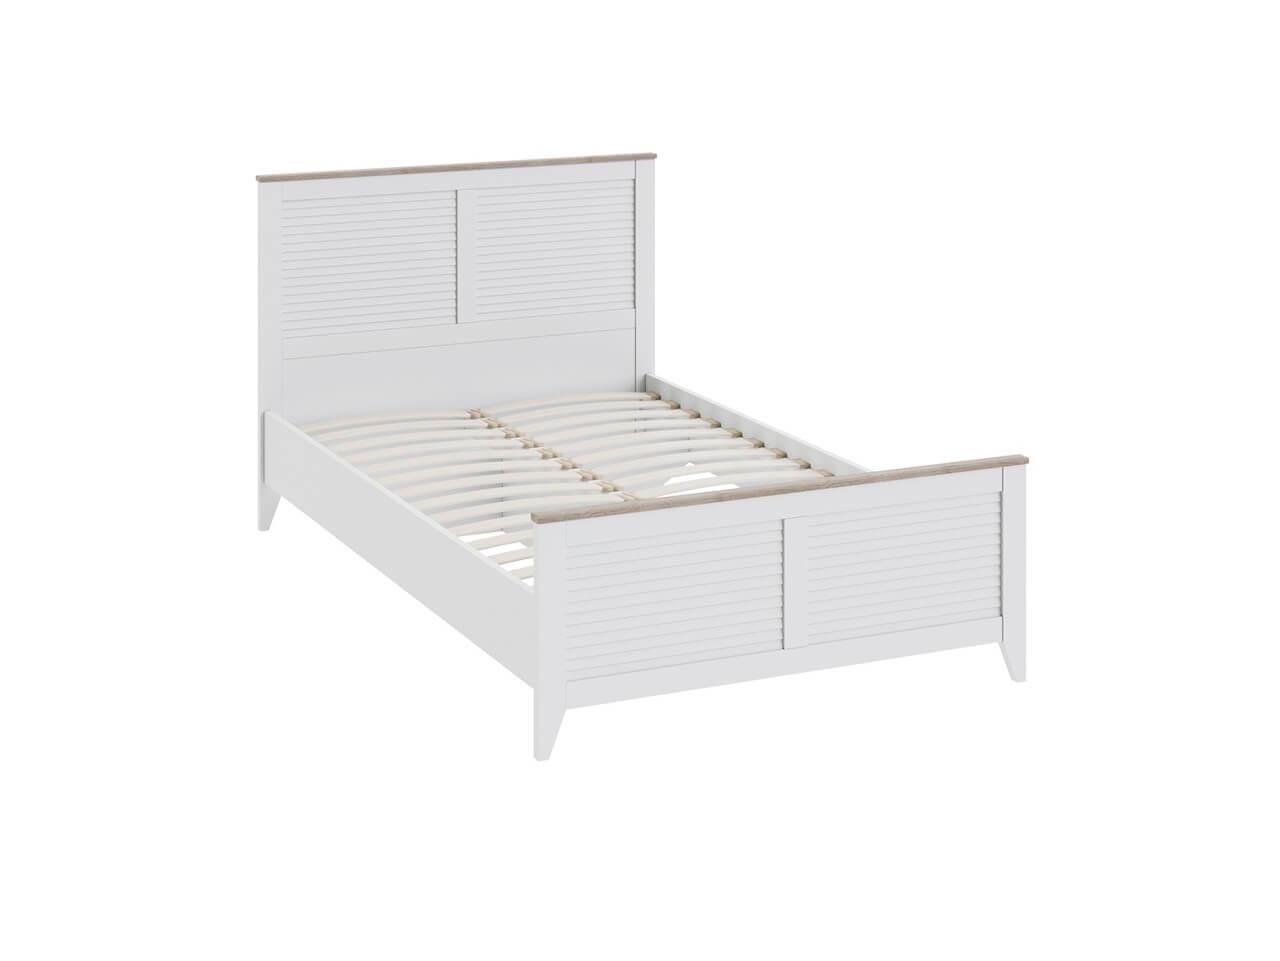 Односпальная кровать с изножьем Ривьера СМ 241-13-21 1282х2060х1026